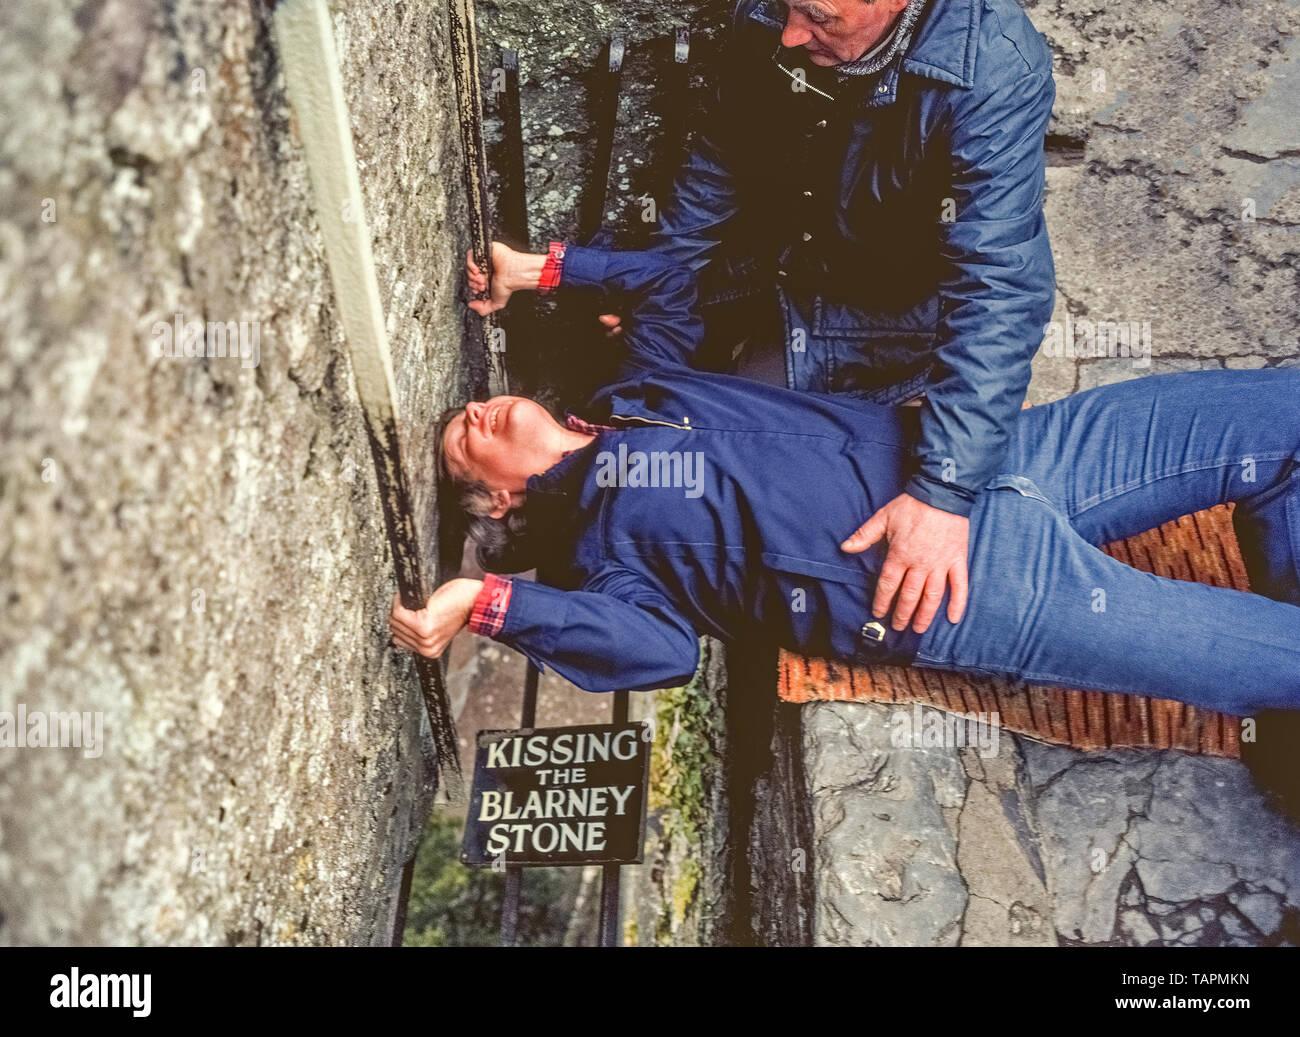 Una operadora se aferra a un joven hombre americano que descansa sobre su espalda, agarra dos pasamanos metálicos, y se inclina la cabeza hacia atrás en la tradicional forma invertida para besar la famosa Piedra de Blarney en lo alto de la torre del Castillo de Blarney en el condado de Cork, Irlanda. Durante mucho tiempo ha sido una tradición para los visitantes del castillo del siglo 15 para subir las estrechas escaleras para llegar al famoso bloque de piedra caliza sobre las almenas que salen de la torre. Barras de hierro que impiden la Les beaux gosses caiga a través del espacio abierto al suelo. Se dice que besar la piedra otorga elocuencia; en otras palabras, darle el don de GAB. Imagen De Stock